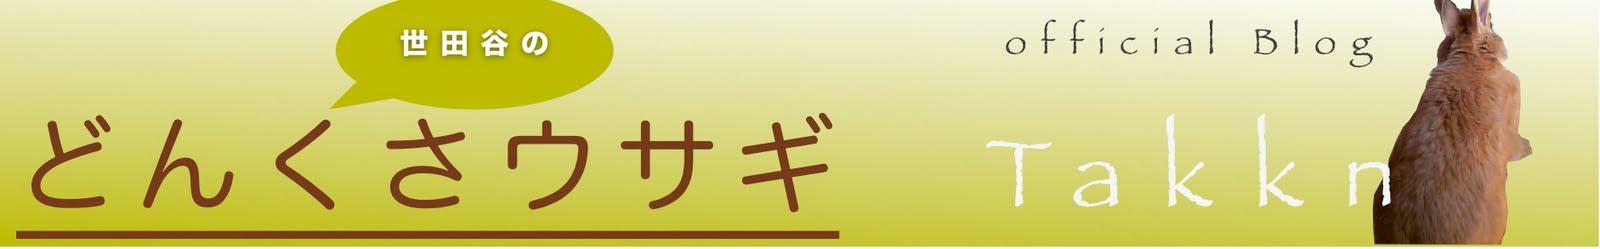 世田谷のどんくさウサギ  たっくん[公式Blog]